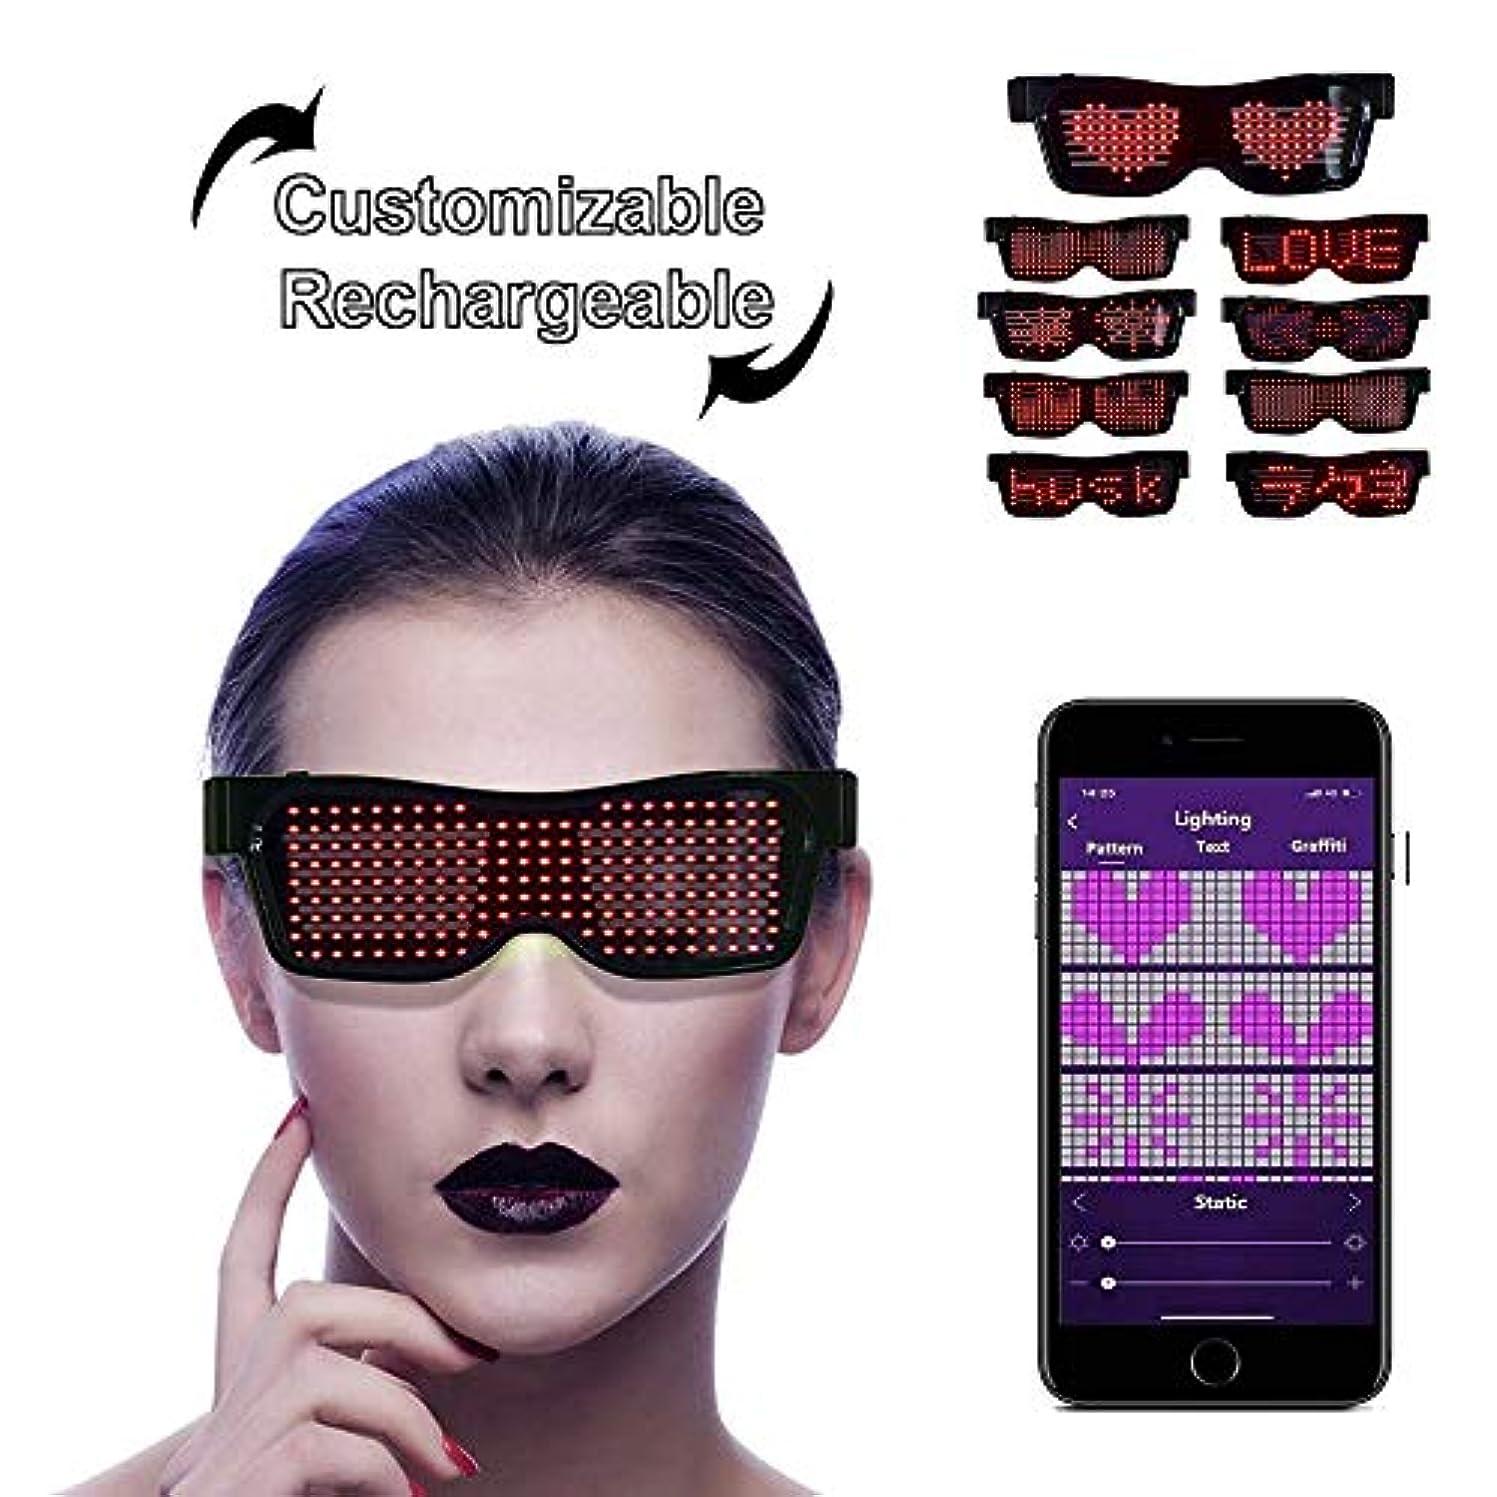 リファイン上向き心臓LEDサングラス, LEDメガネ ブルートゥースLEDパーティーメガネカスタマイズ可能なLEDメガネUSB充電式9モードワイヤレス点滅LEDディスプレイ、フェスティバル用グロー眼鏡レイヴパーティー